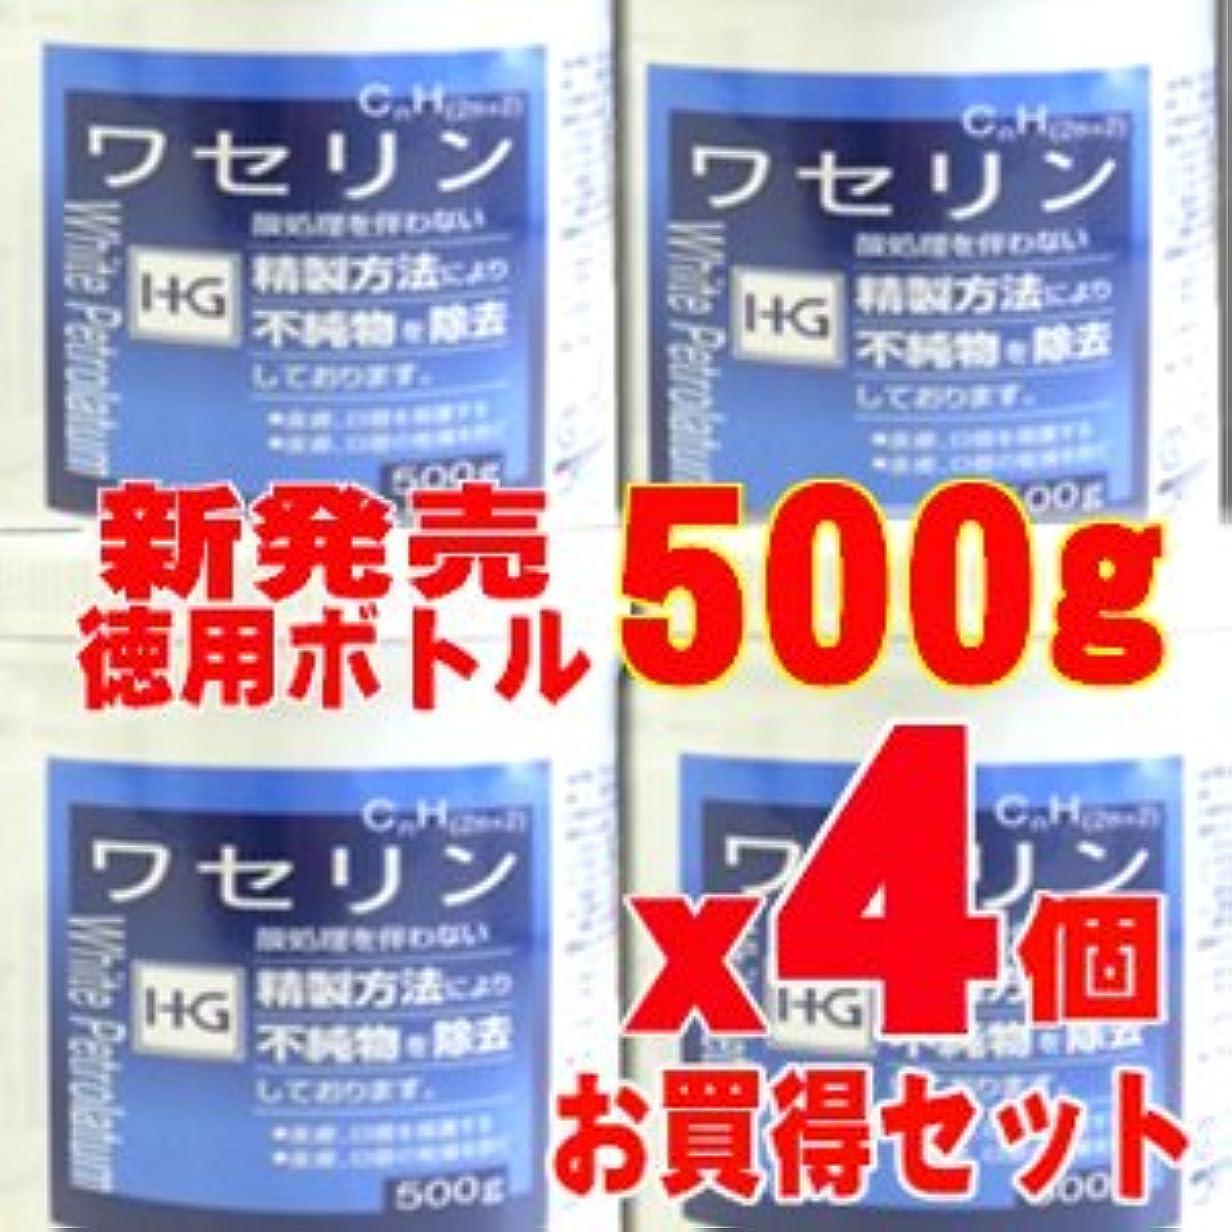 フェッチ特定のあえて【敏感肌の方に最適!】皮膚保護 ワセリンHG 徳用500gx4個セット